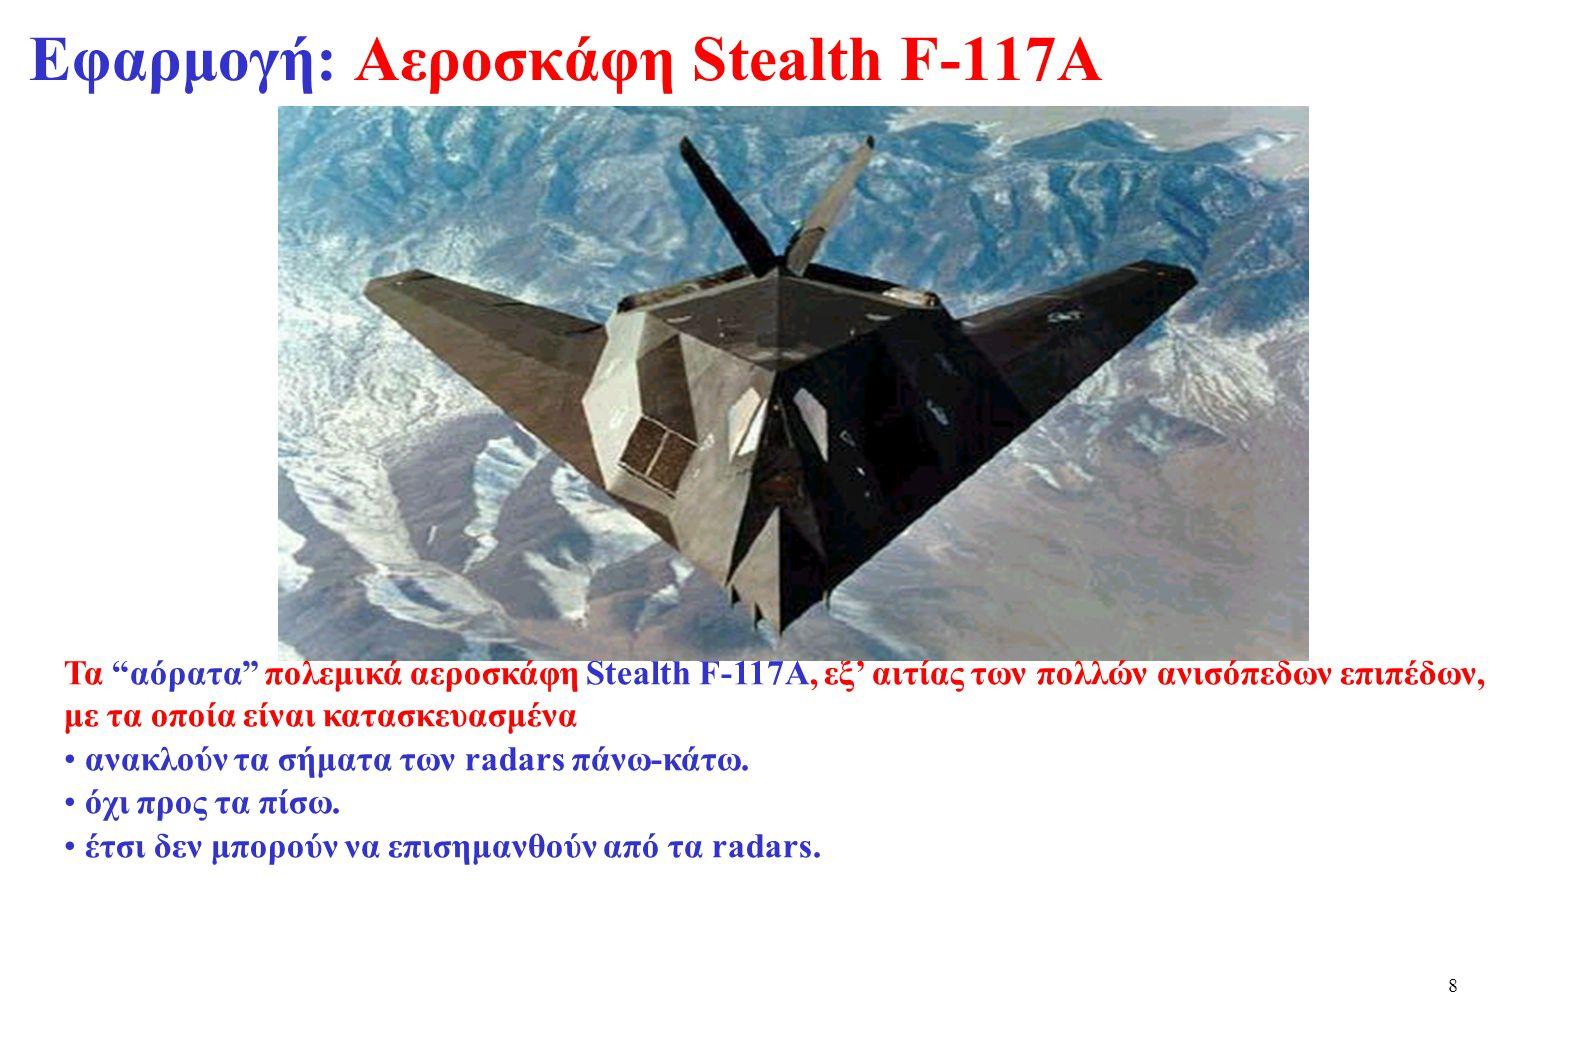 Εφαρμογή: Αεροσκάφη Stealth F-117A